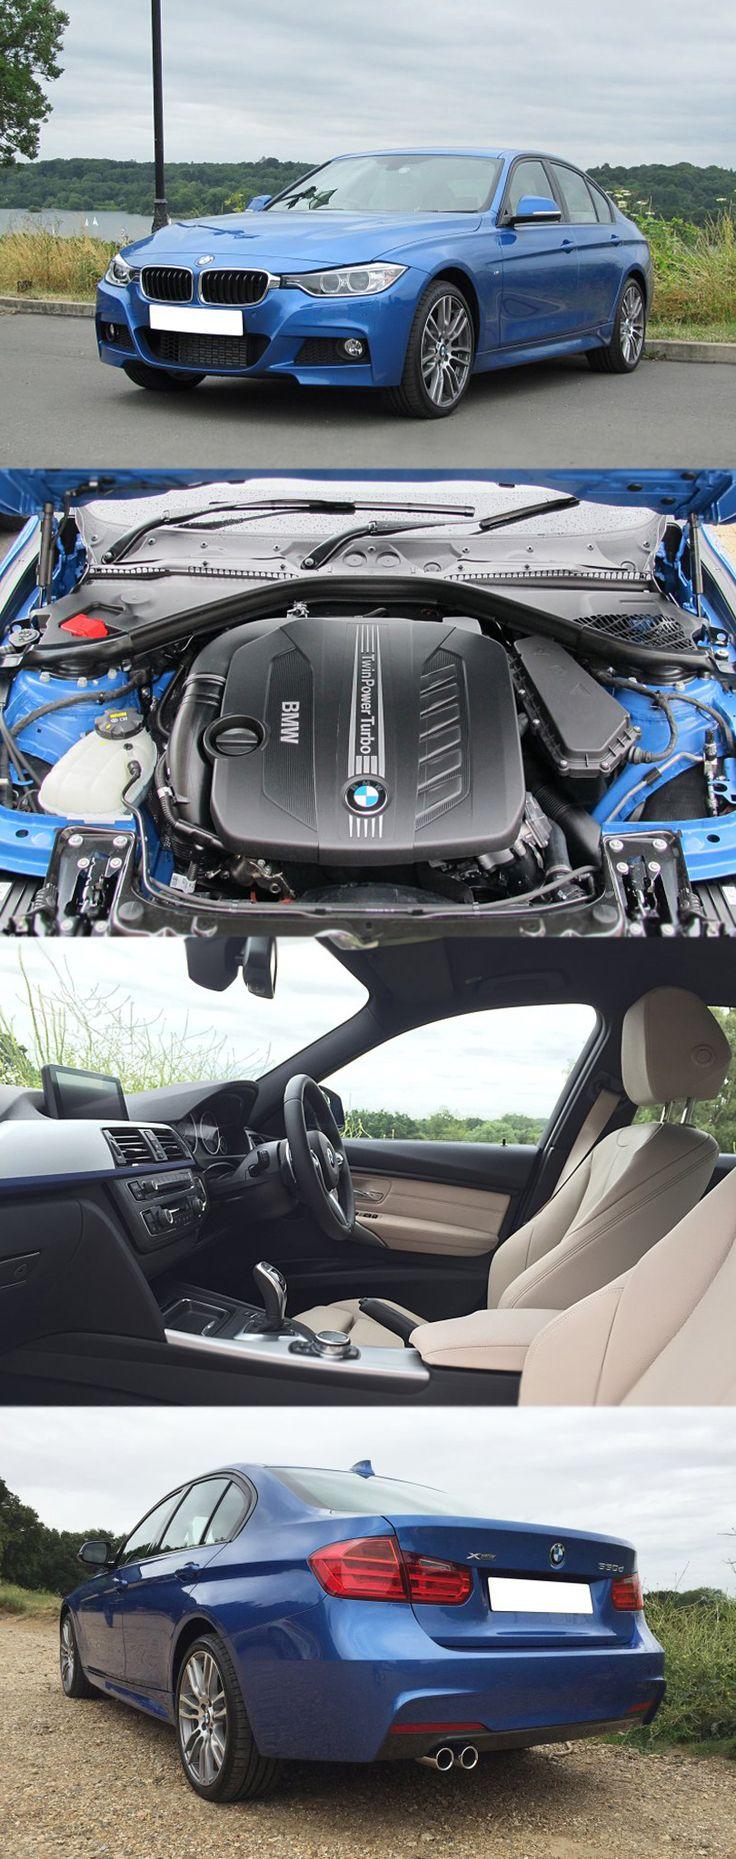 Superb Engine of BMW 330d For more detail:https://www.germancartech.co.uk/blog/superb-engine-bmw-330d/